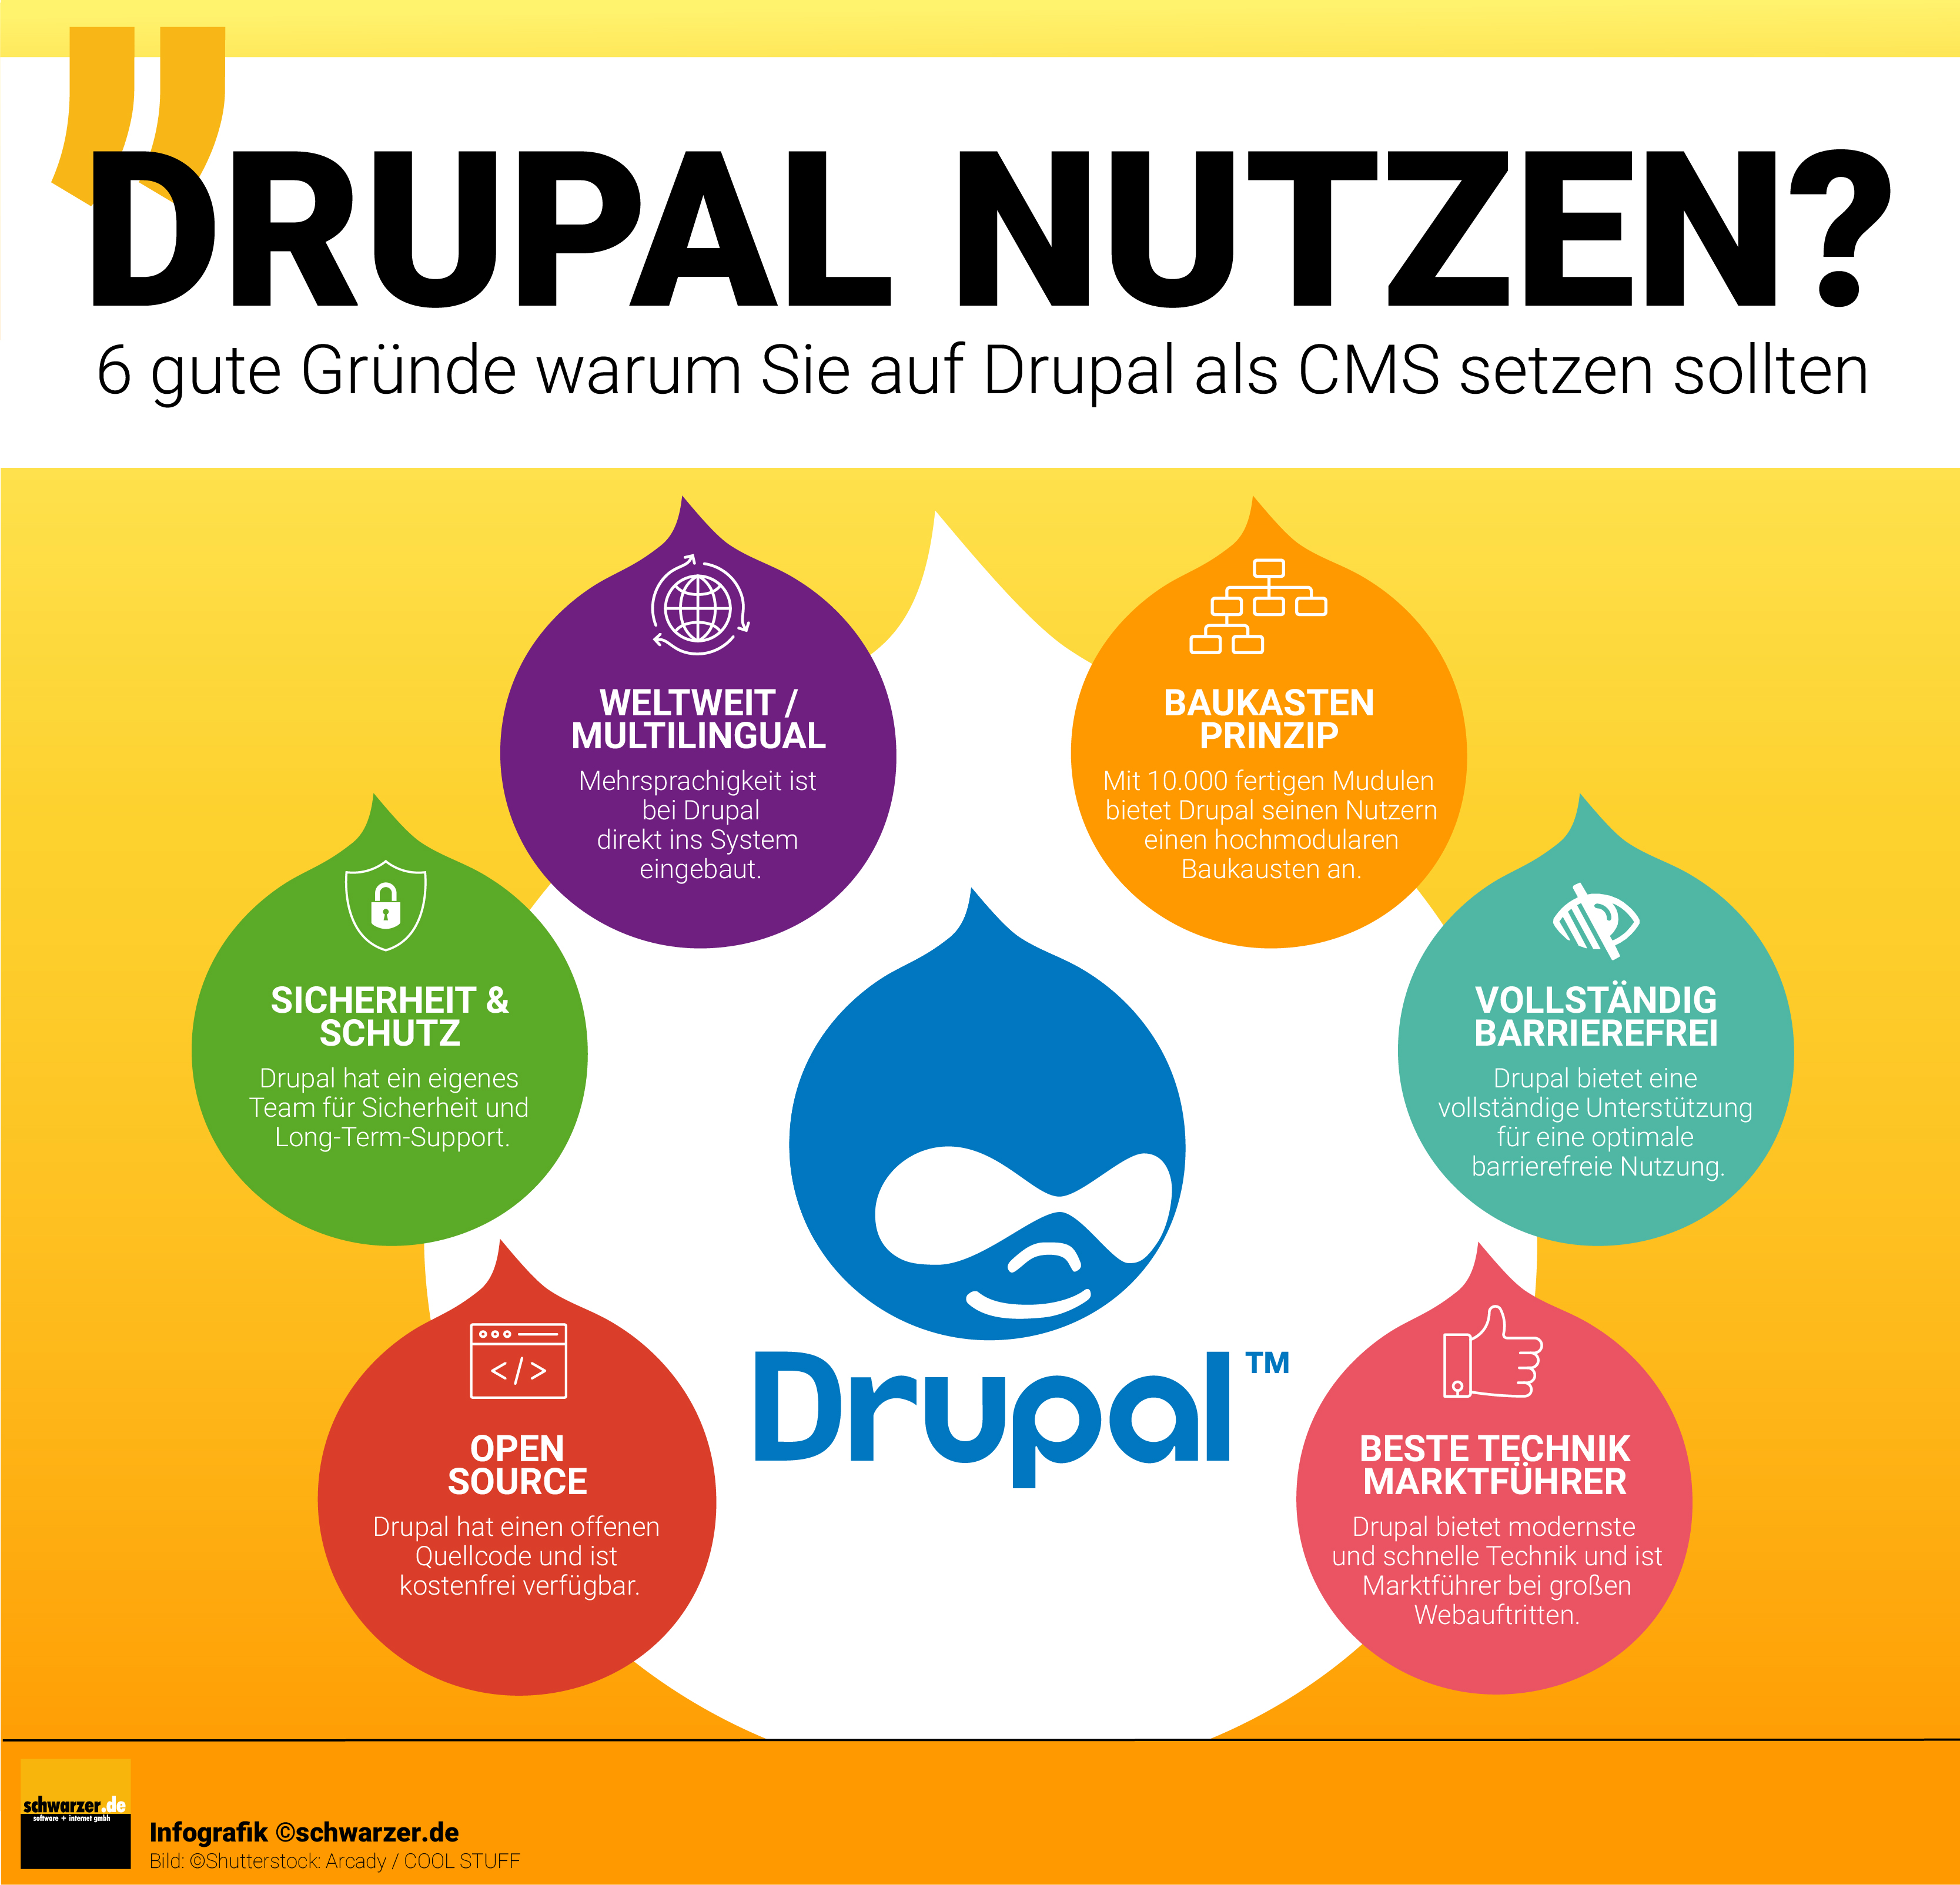 Infografik: Drupal nutzen? 6 gute Gründe warum Sie auf Drupal als CMS setzen sollten.